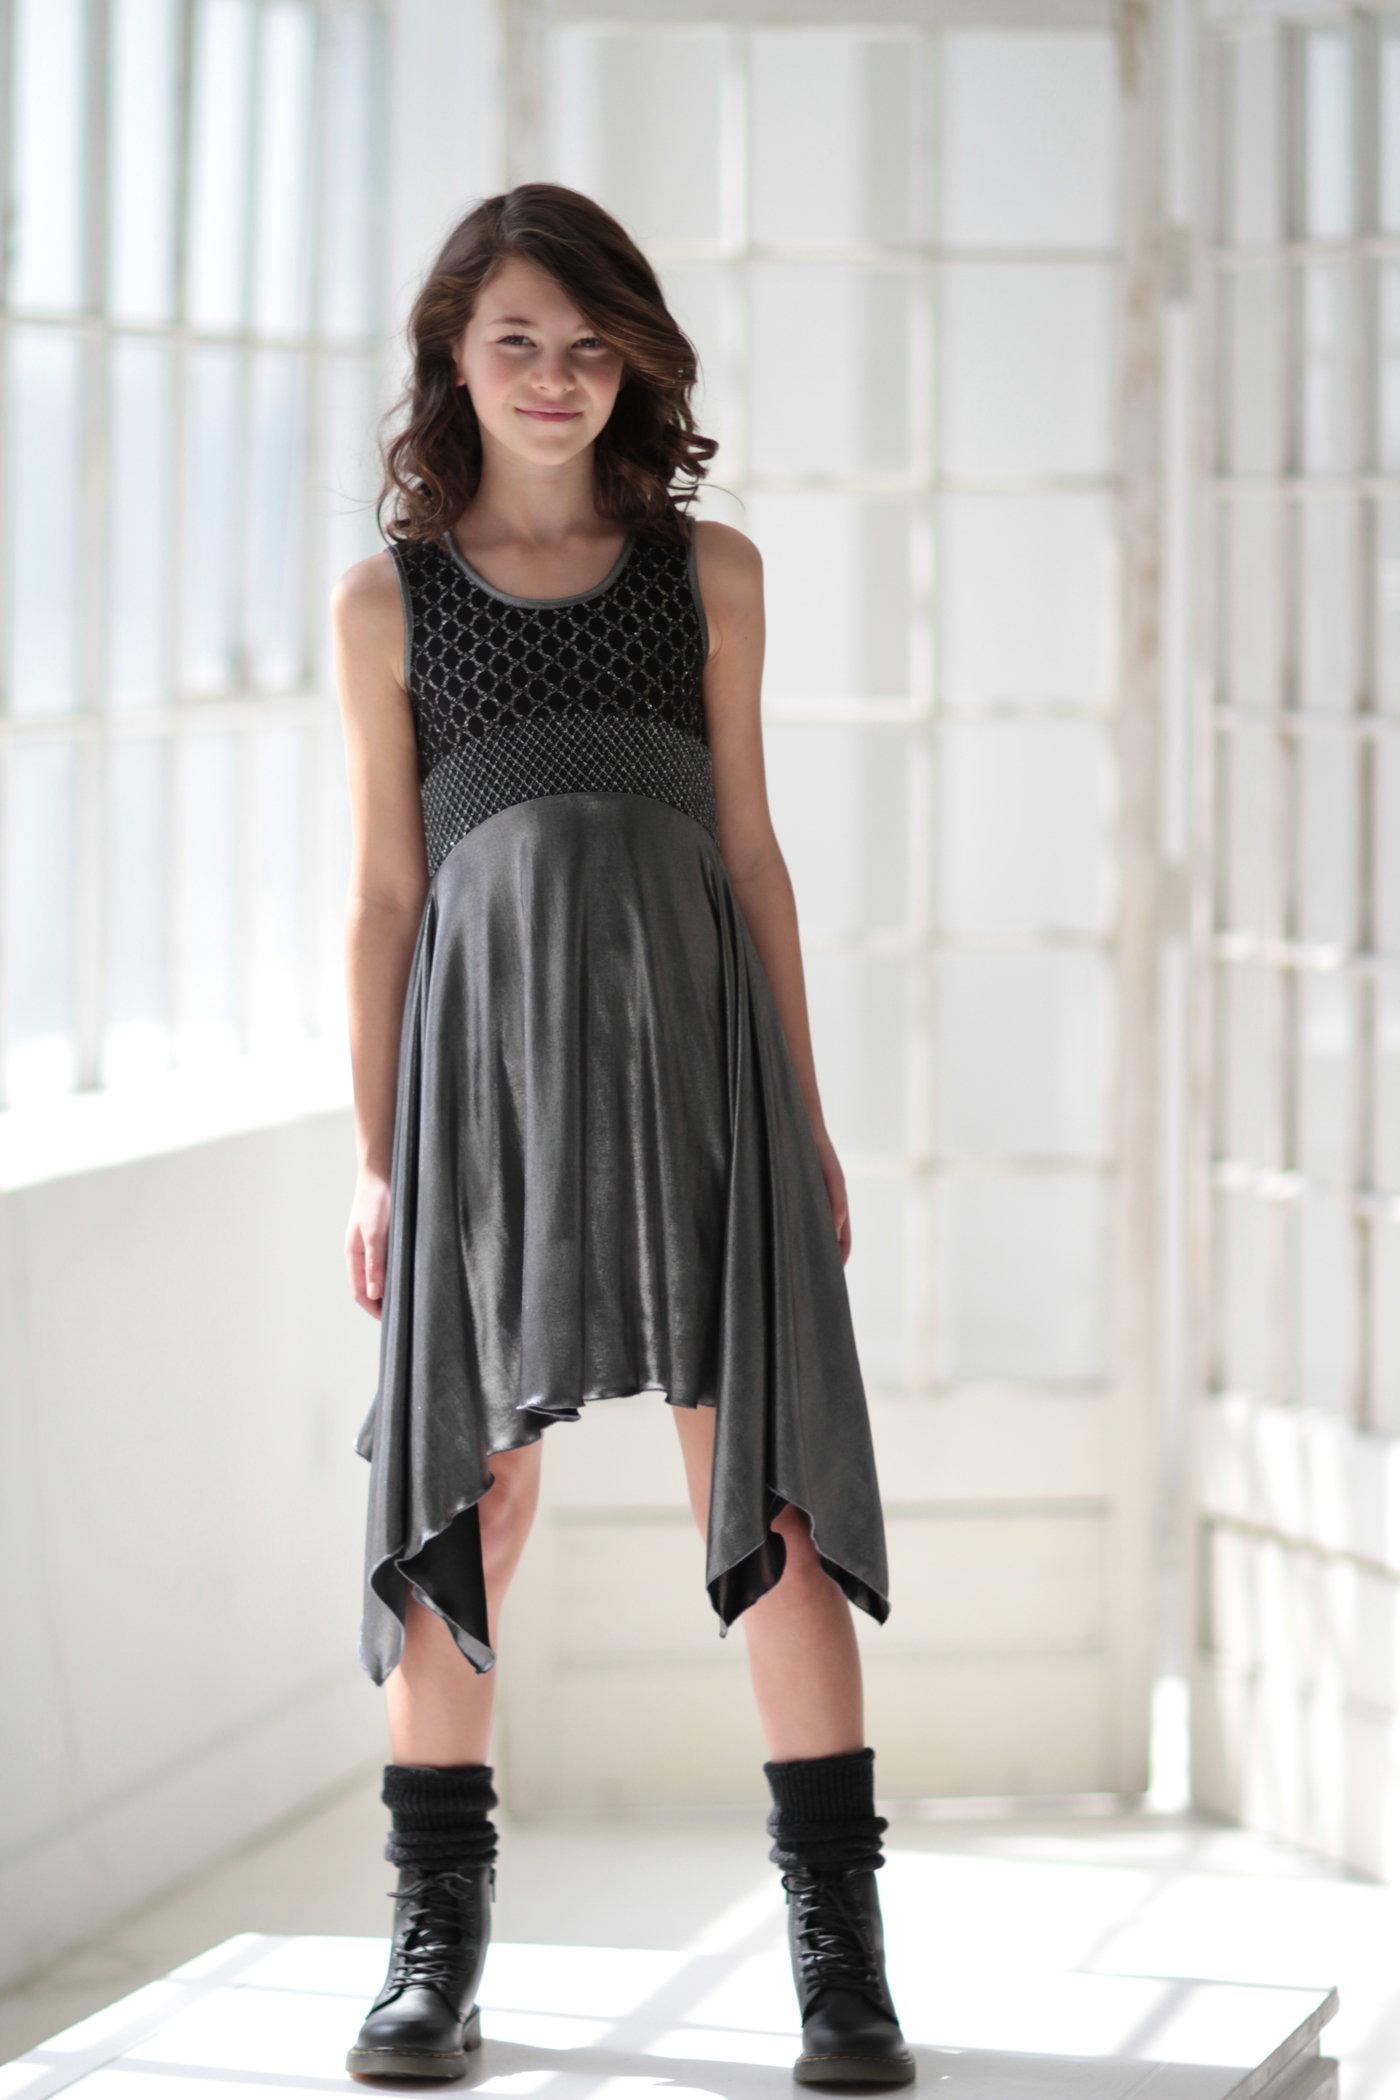 Tween Dresses By Susan Nixon At Coroflot Com